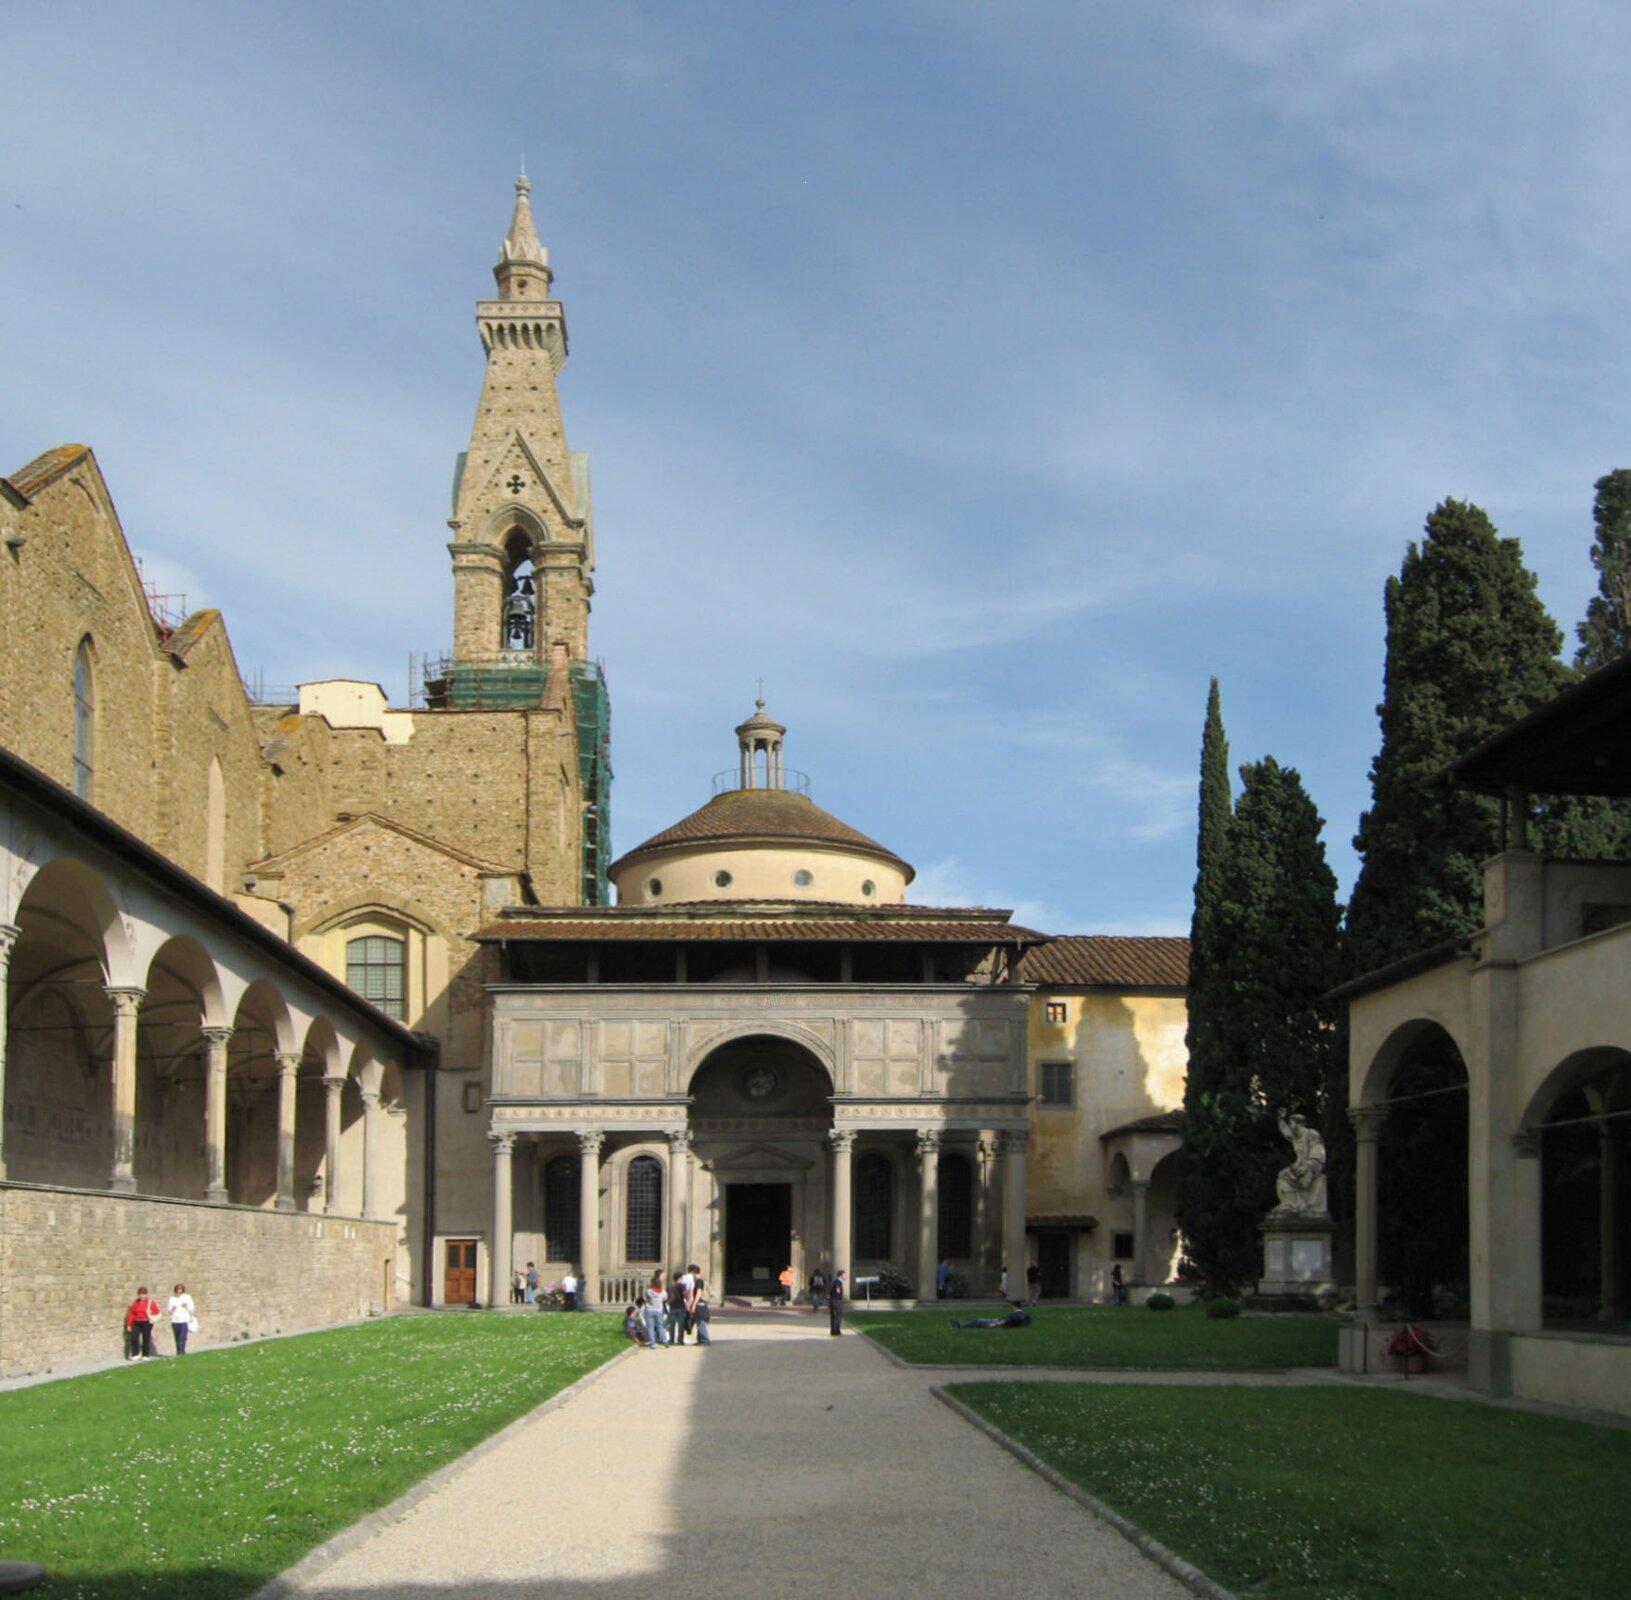 Florencja – kaplica Pazzich.Kaplicaznanego ibogatego rodu florenckiego zaprojektowana została przez Filippo Bruneleschiego w1430, ale budowano ją wlatach 1442-1478 inigdy nie ukończono, gdyż zpowodów politycznych Pazzich wygnano zmiasta. Zwróć uwagę na zastosowanie klasycznych kolumn korynckich iłuku. Florencja – kaplica Pazzich.Kaplicaznanego ibogatego rodu florenckiego zaprojektowana została przez Filippo Bruneleschiego w1430, ale budowano ją wlatach 1442-1478 inigdy nie ukończono, gdyż zpowodów politycznych Pazzich wygnano zmiasta. Zwróć uwagę na zastosowanie klasycznych kolumn korynckich iłuku. Źródło: Gryffindor, 2008, Wikimedia Commons, licencja: CC BY-SA 3.0.